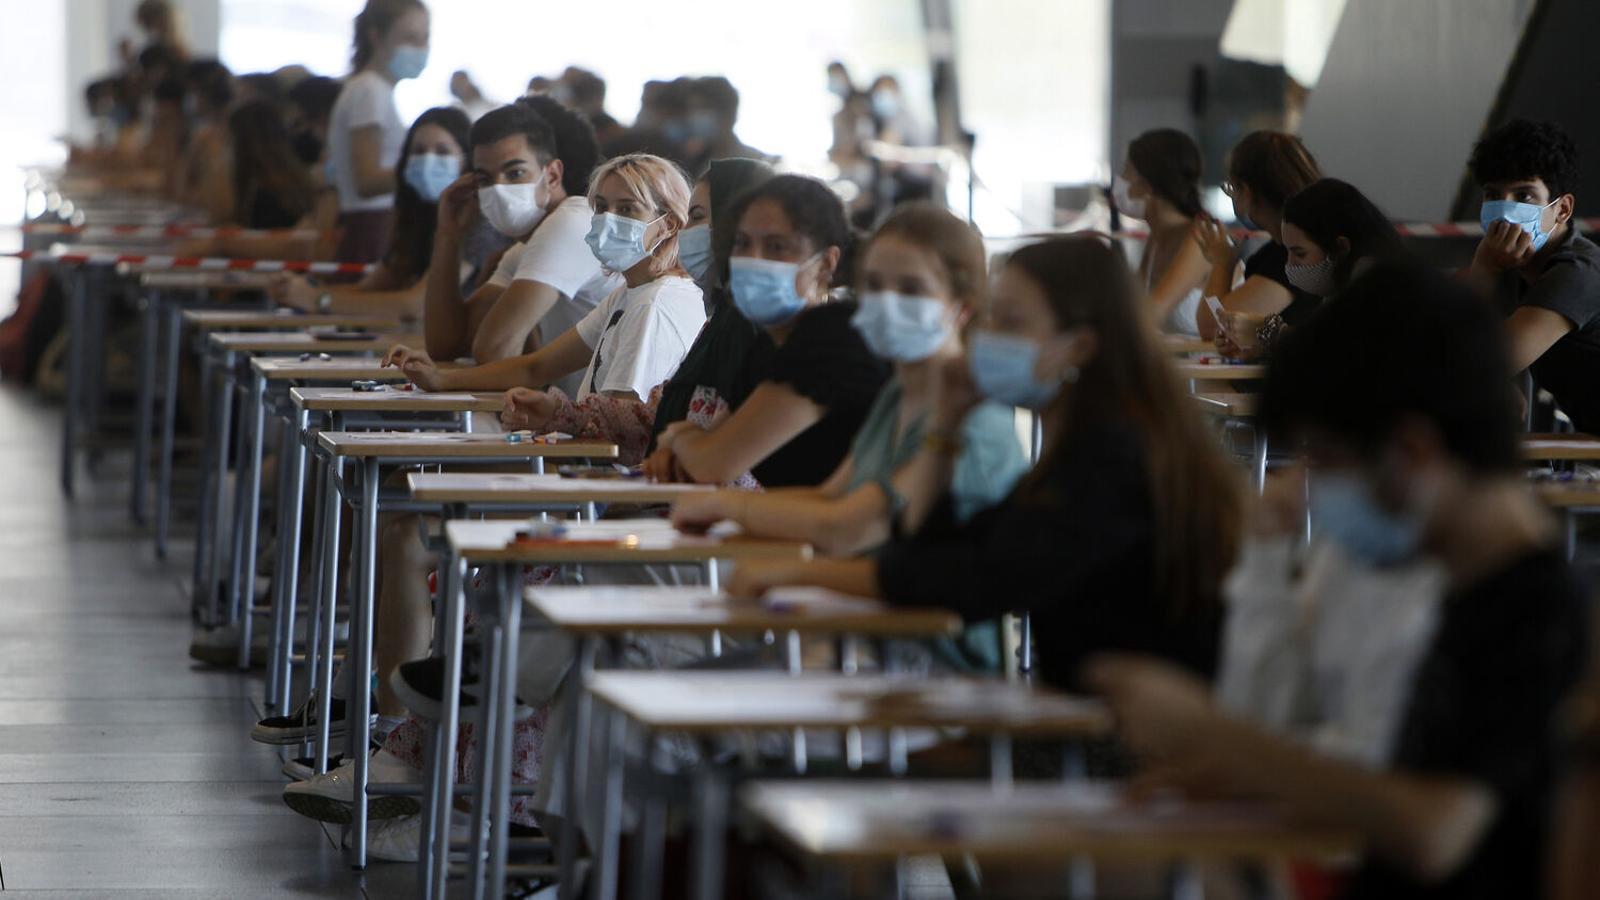 Estudiants fent la prova de la Selectivitat 2020 al Palau dels Congressos de Palma.